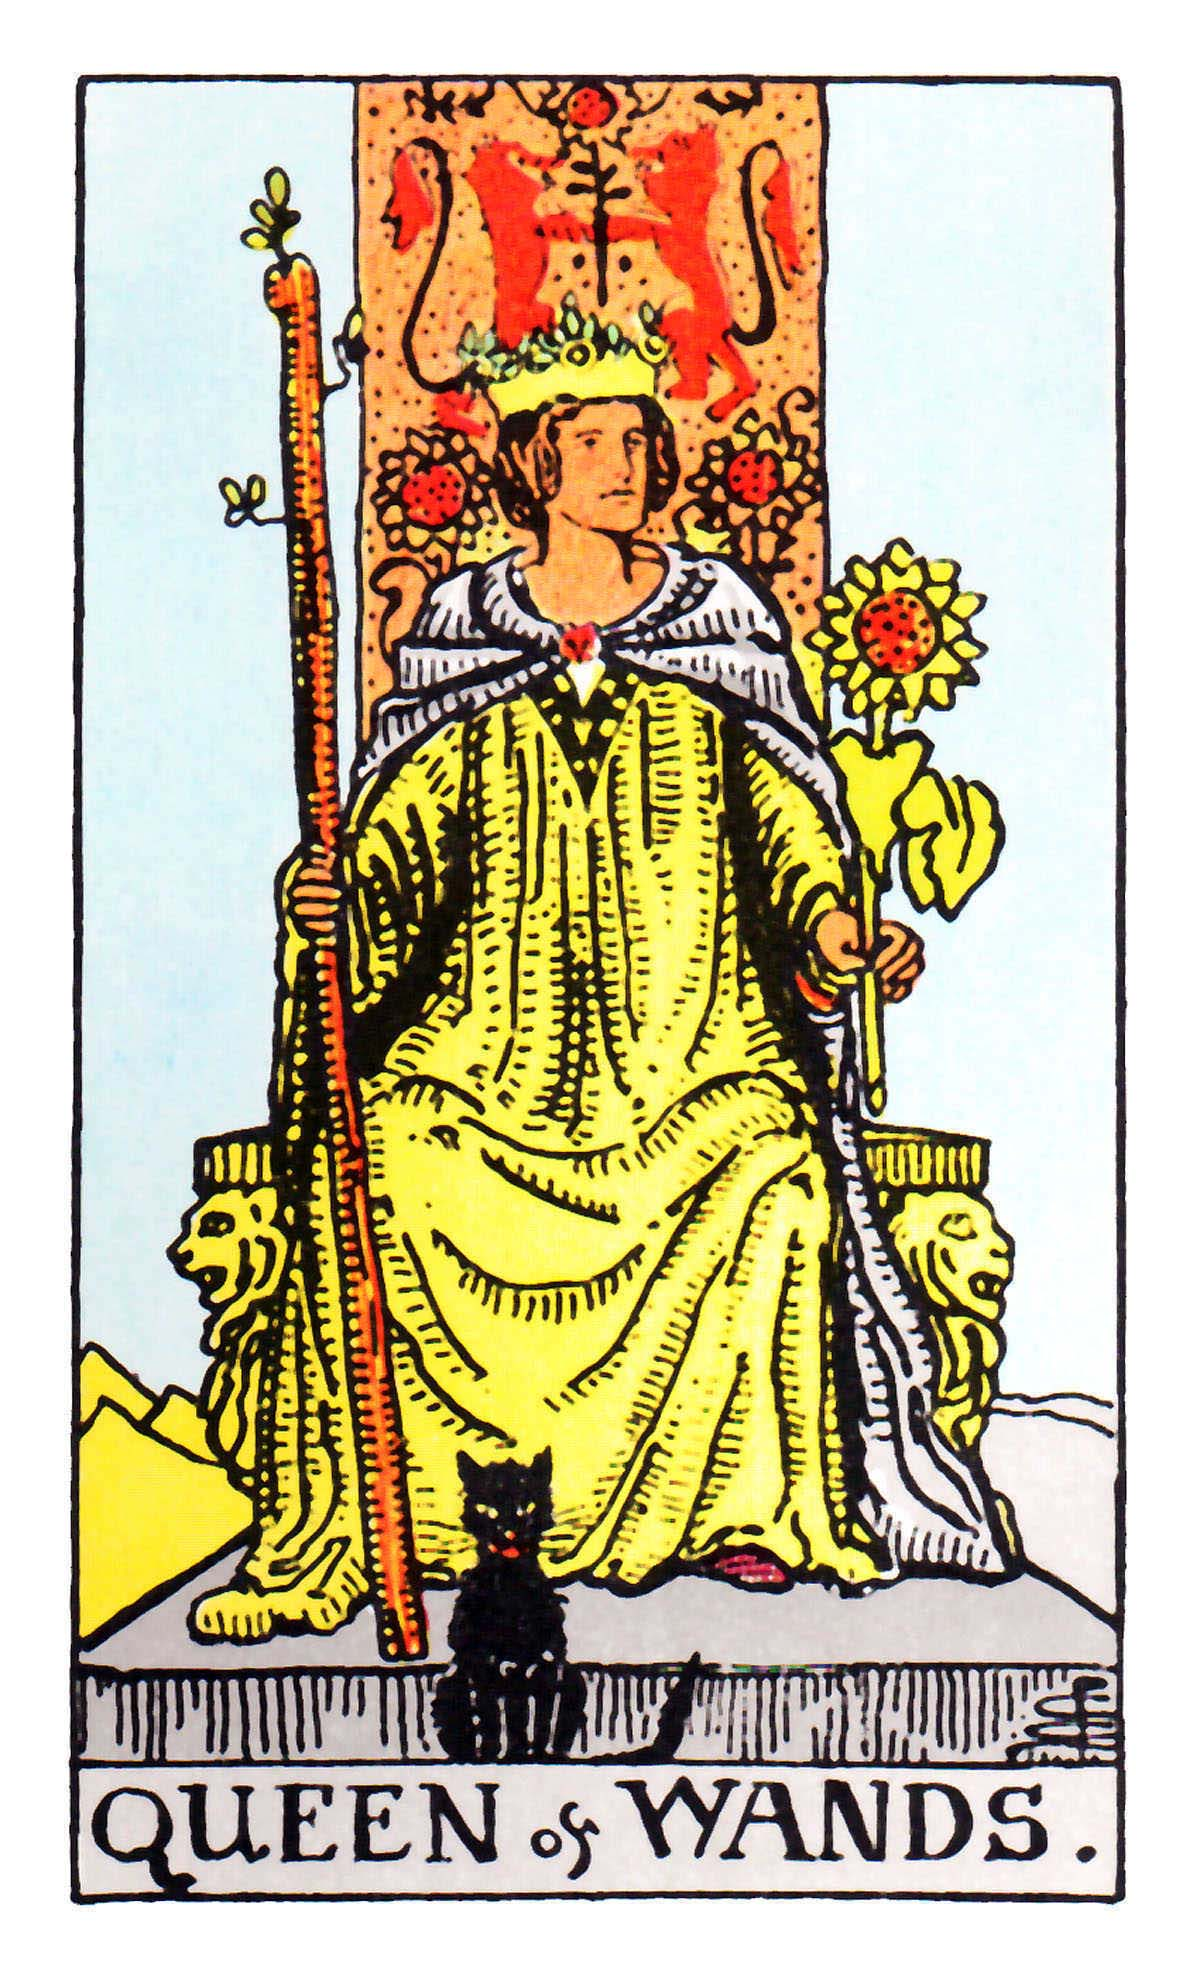 權杖皇后(王后) Queen of Wands 塔羅牌牌意